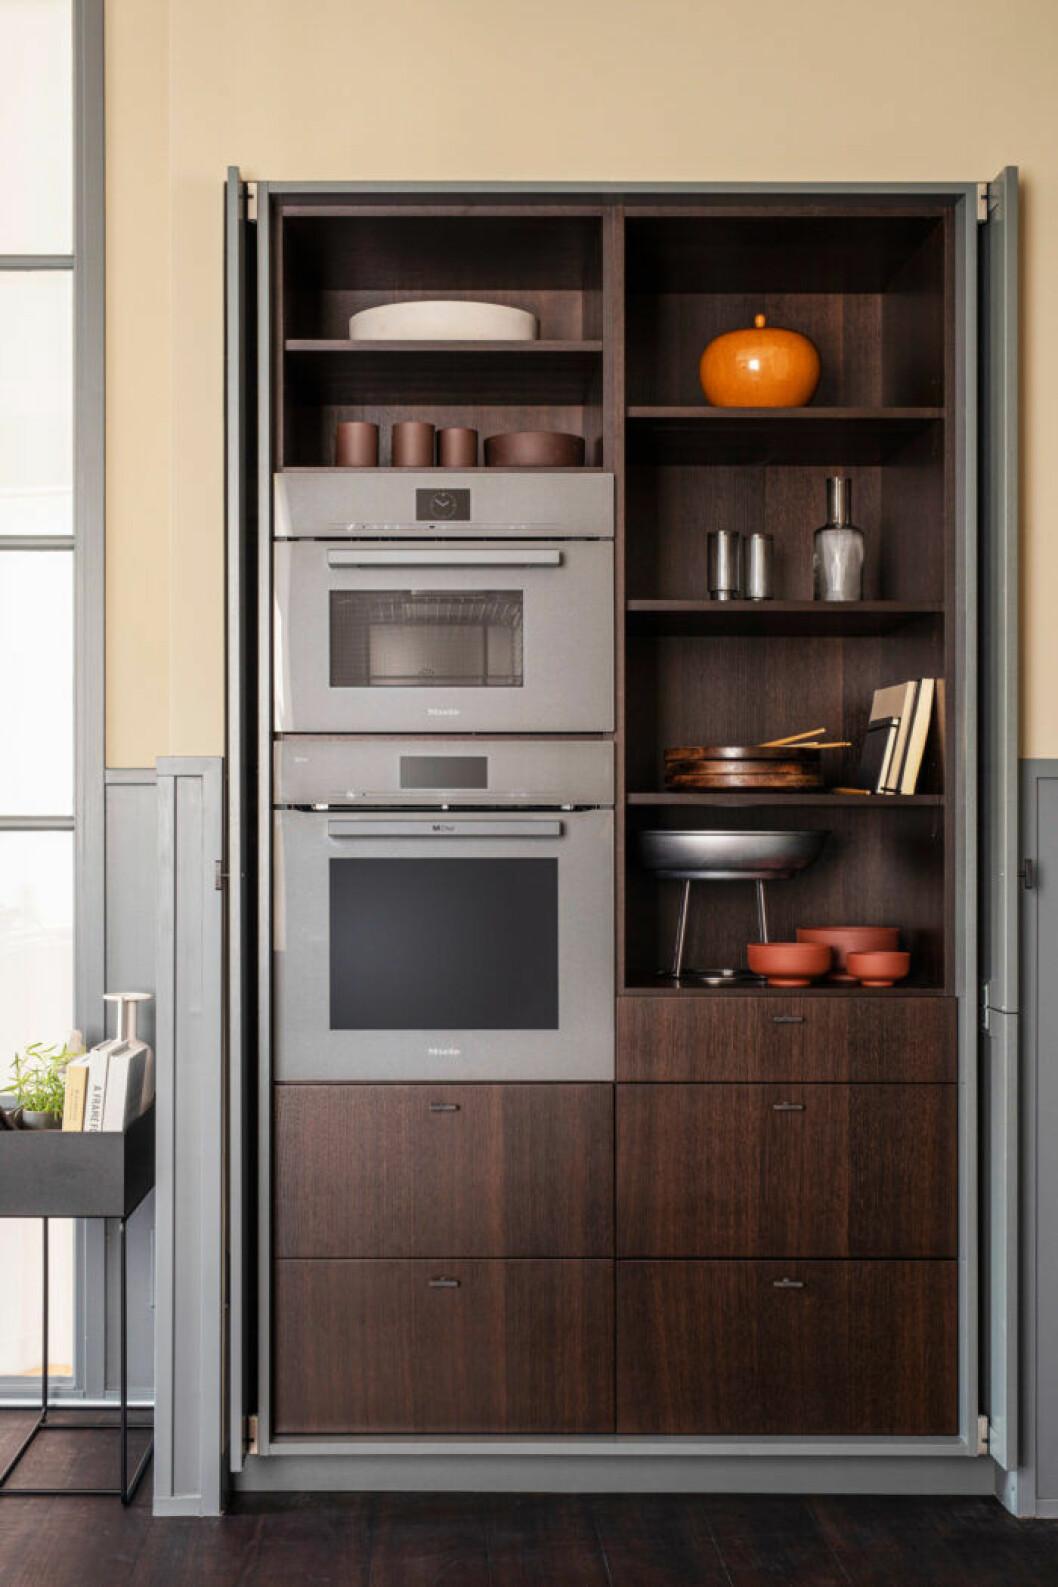 Dolda köksmaskiner, mat- och drycktrender 2020